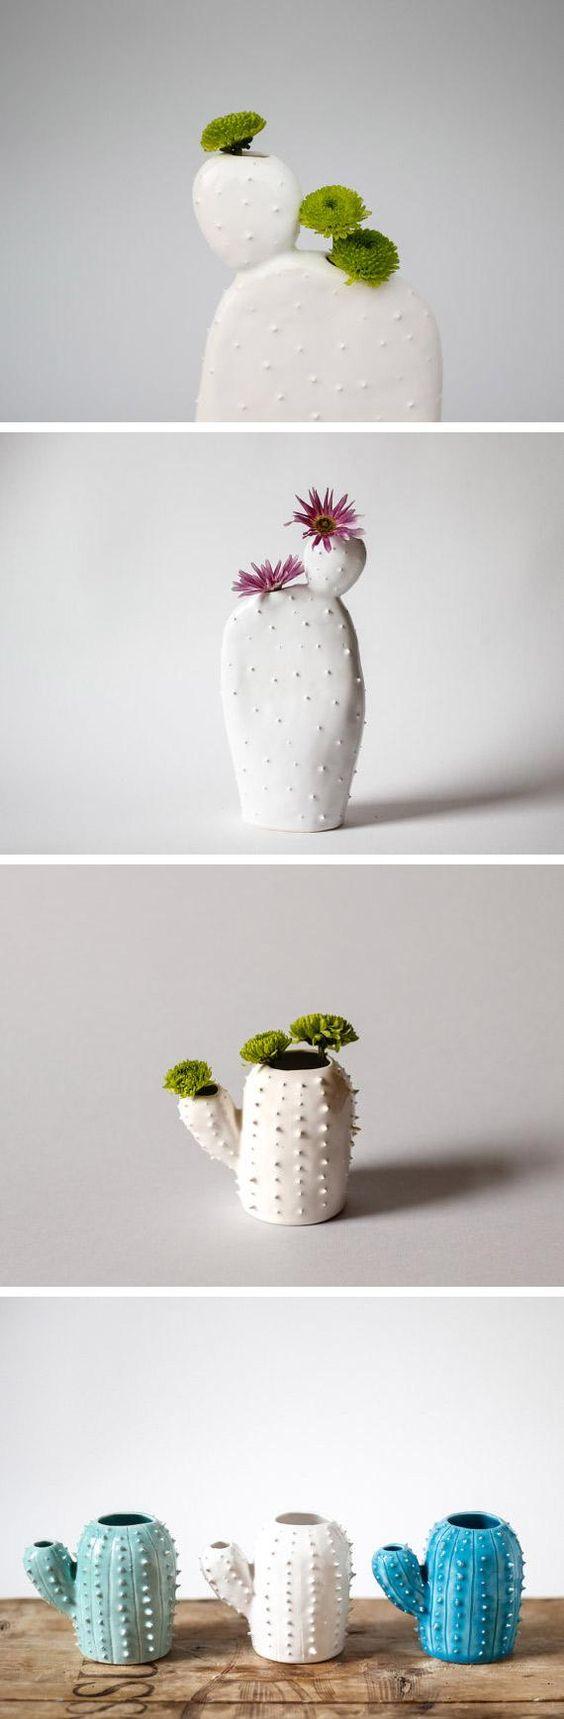 Se você gosta de uma decoração mais leve e divertida que tal espalhar pequenas porções de bom humor pela casa com ajuda desses objetos fofos achados no Etsy?